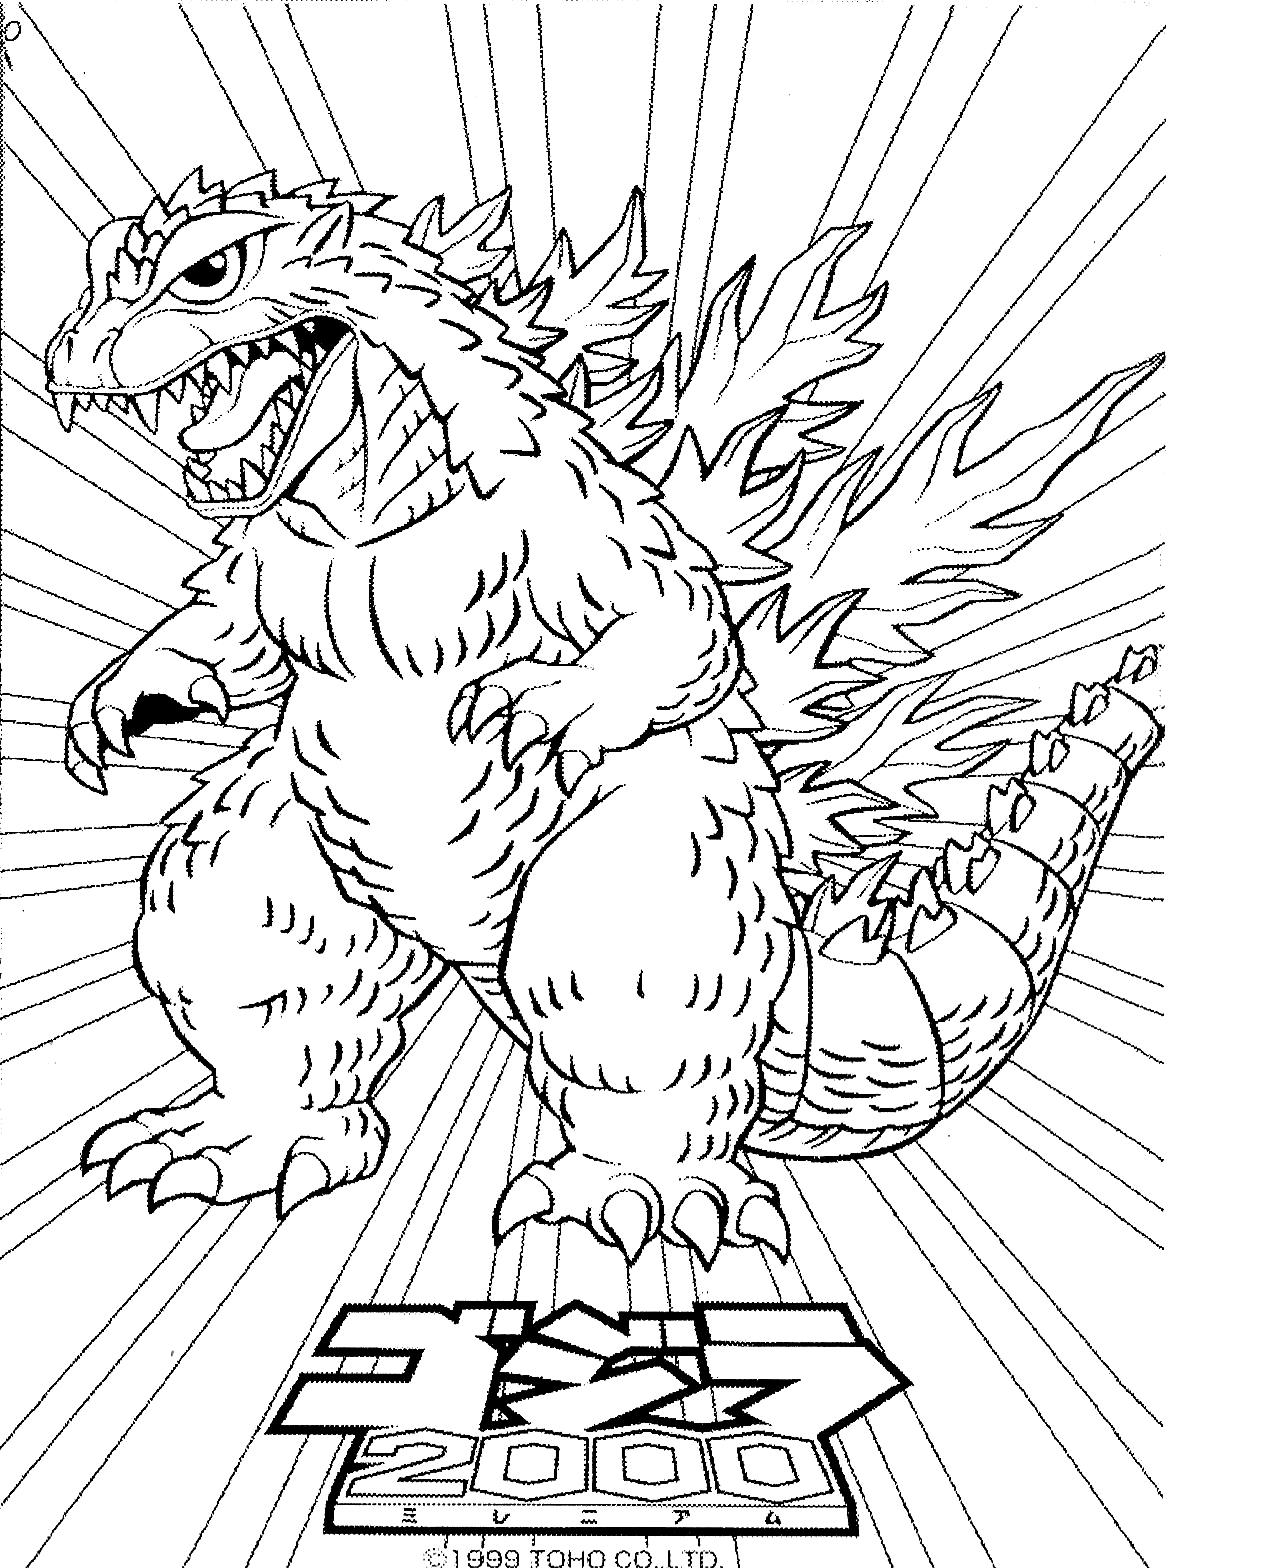 Suunnittelu 6 from Godzilla värityskuvat tulostaa ja värittää